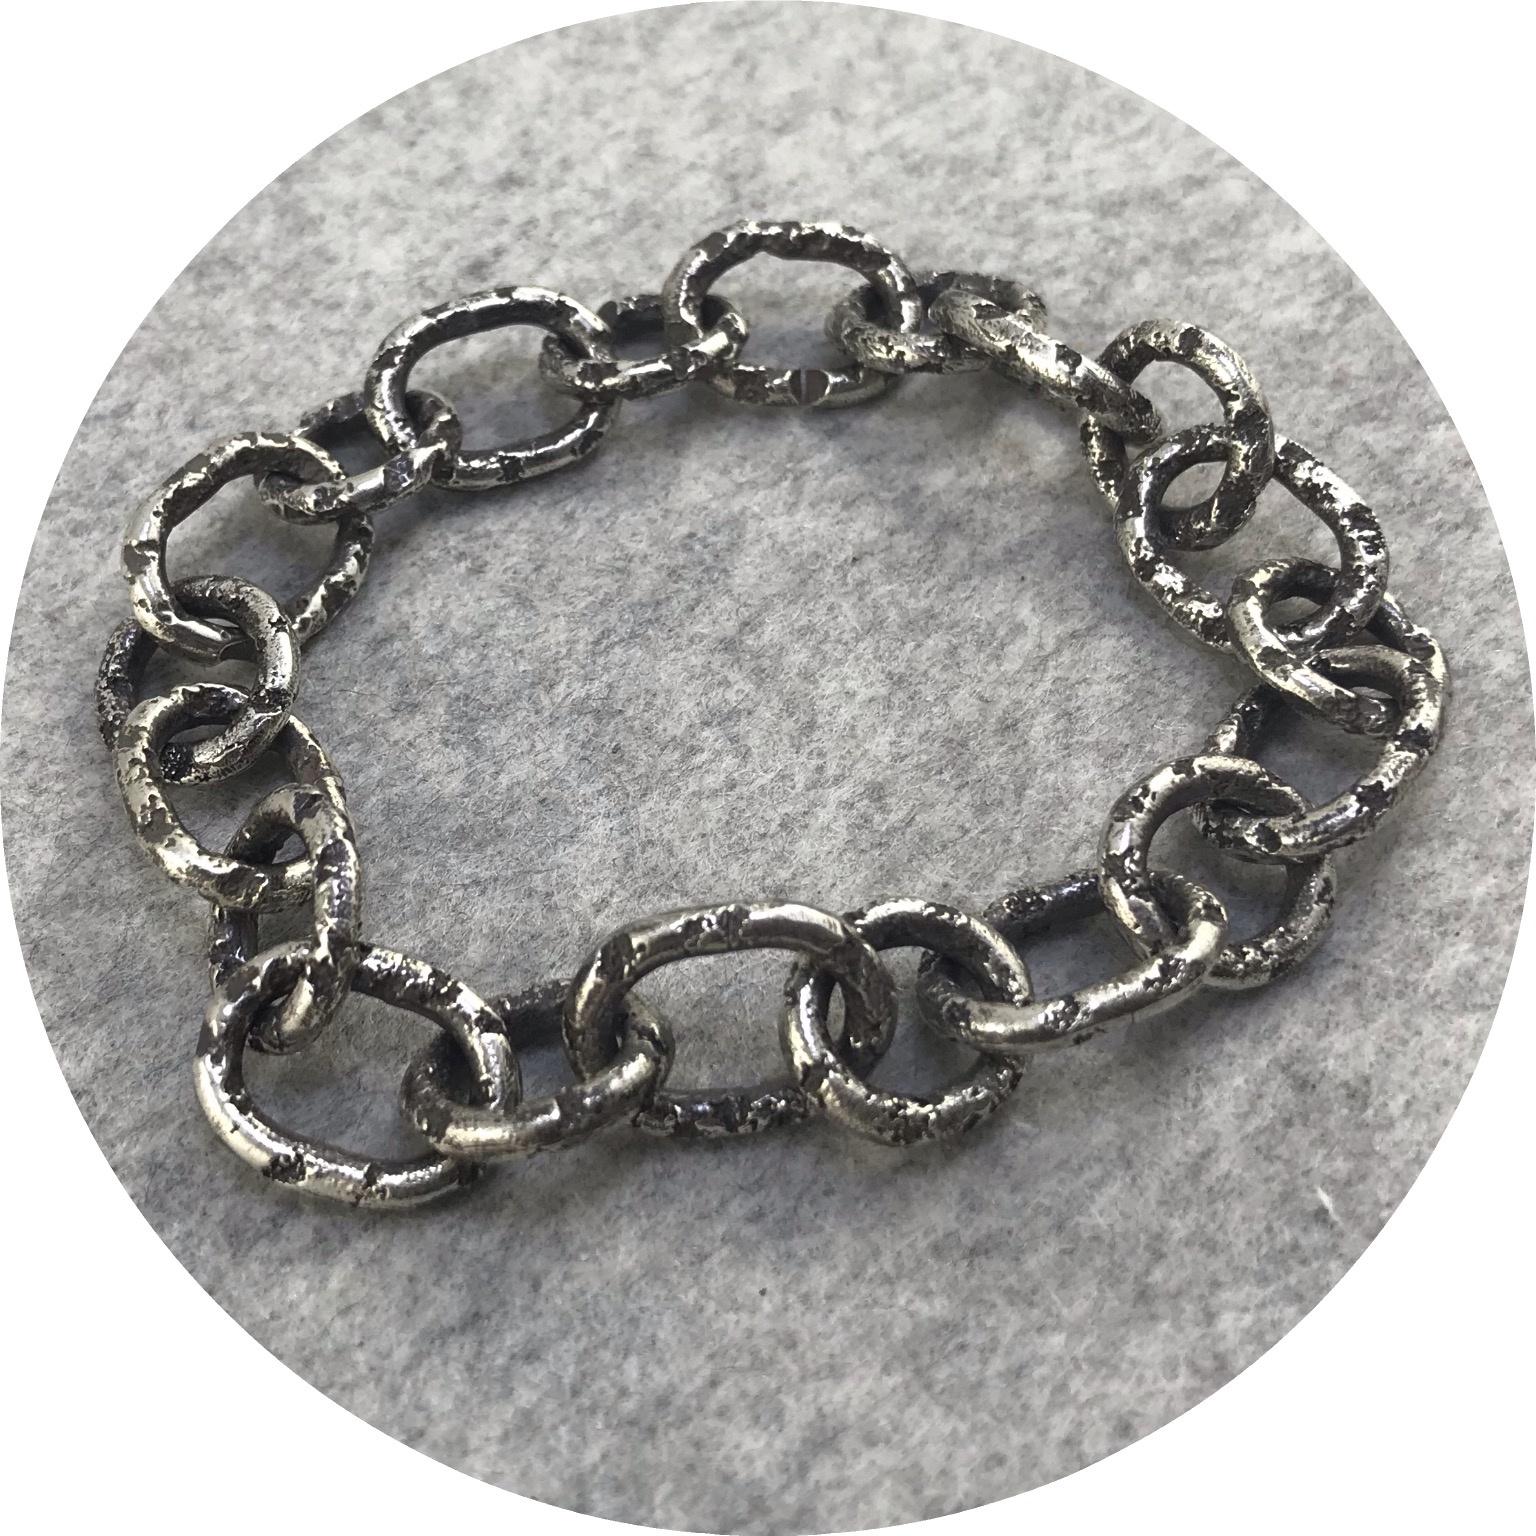 Albert Tse - Crater Link II Oxidised Sterling Silver Bracelet